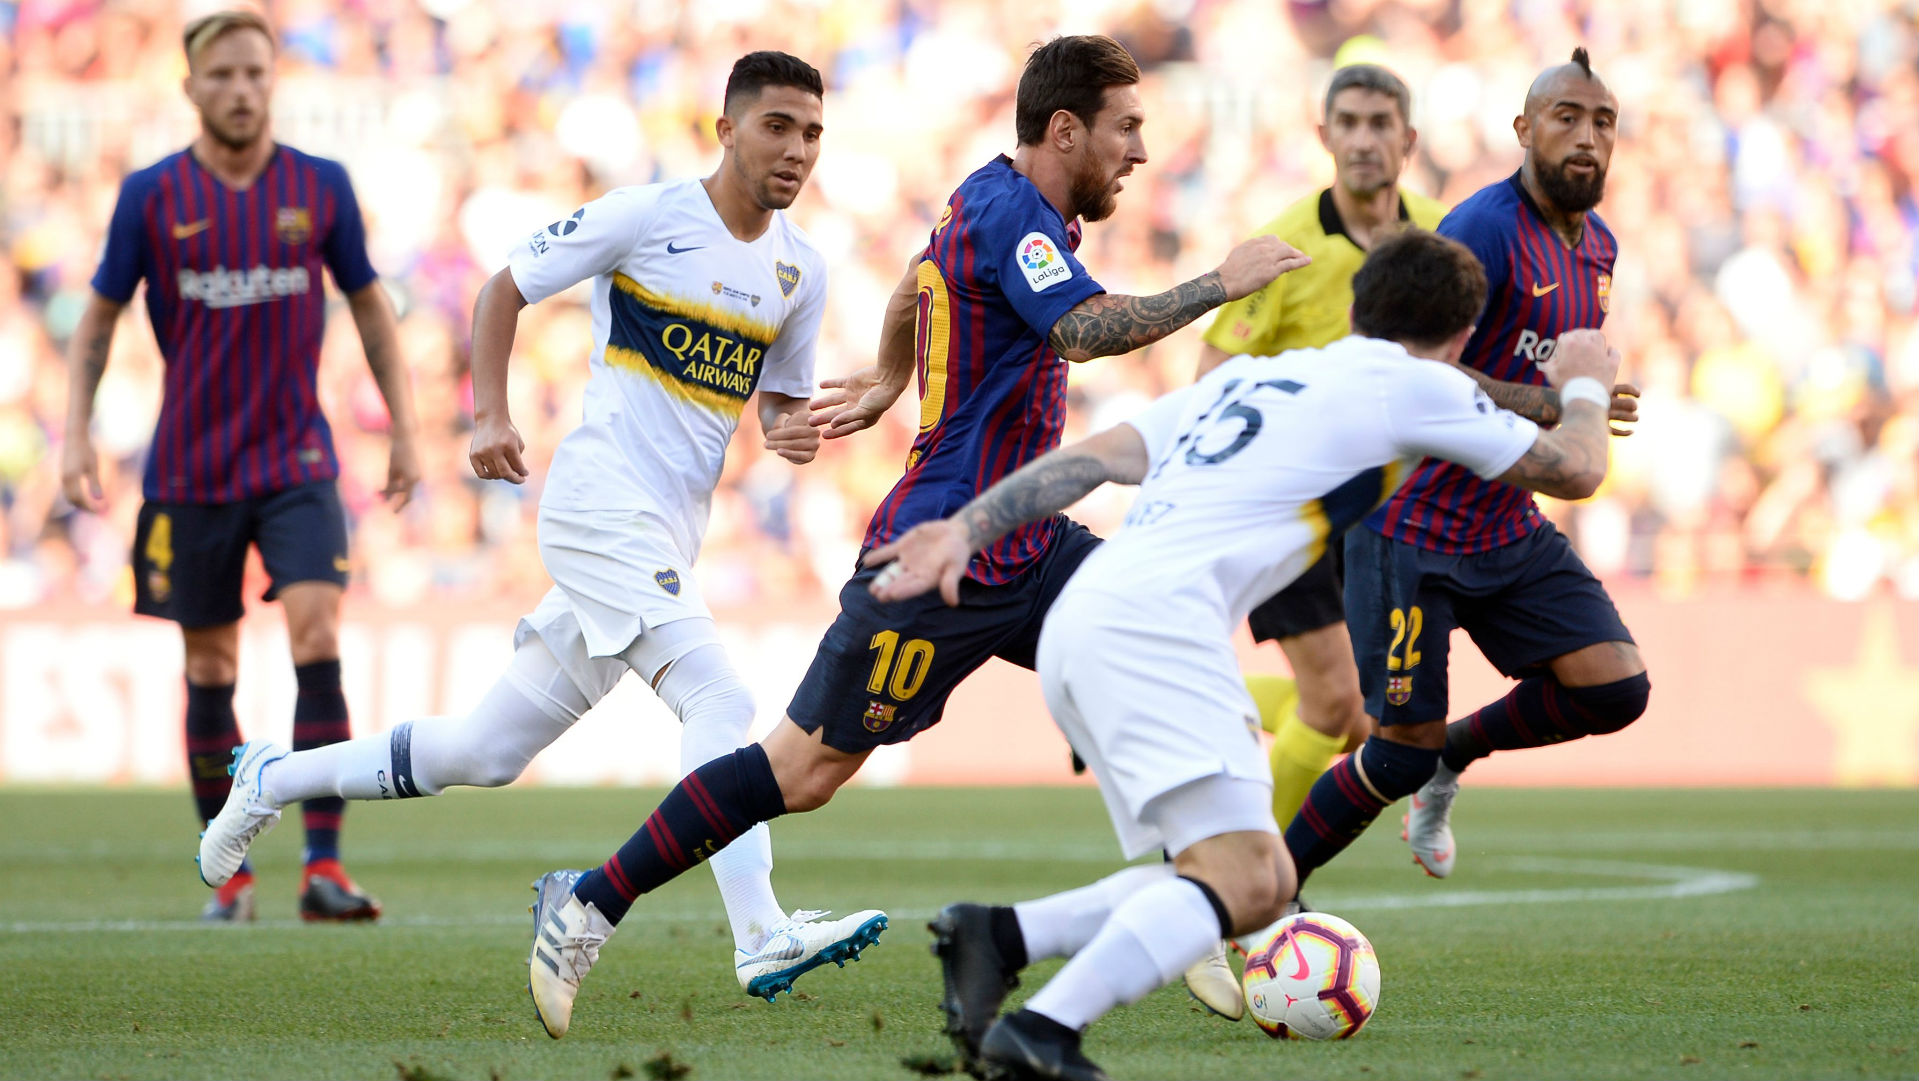 150818 Boca Juniors Barcelona Lionel Messi Emanuel Reynoso Arturo Vidal Ivan Rakitic